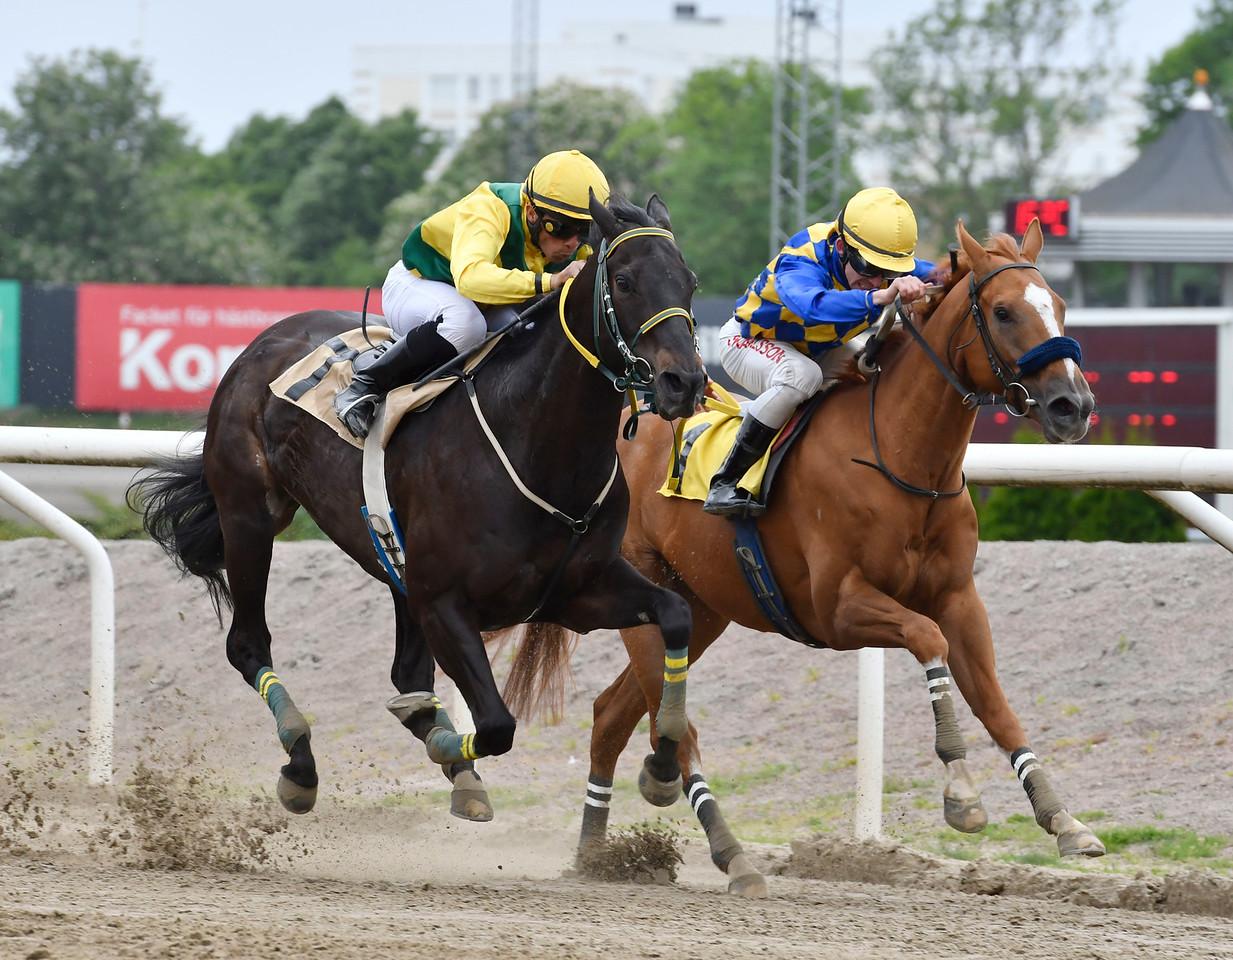 The Penny Horse och Valmir De Azeredo (t v) vinner knappt före Medicean's Miracle  Jägersro 170531 Foto: Stefan Olsson / Svensk Galopp